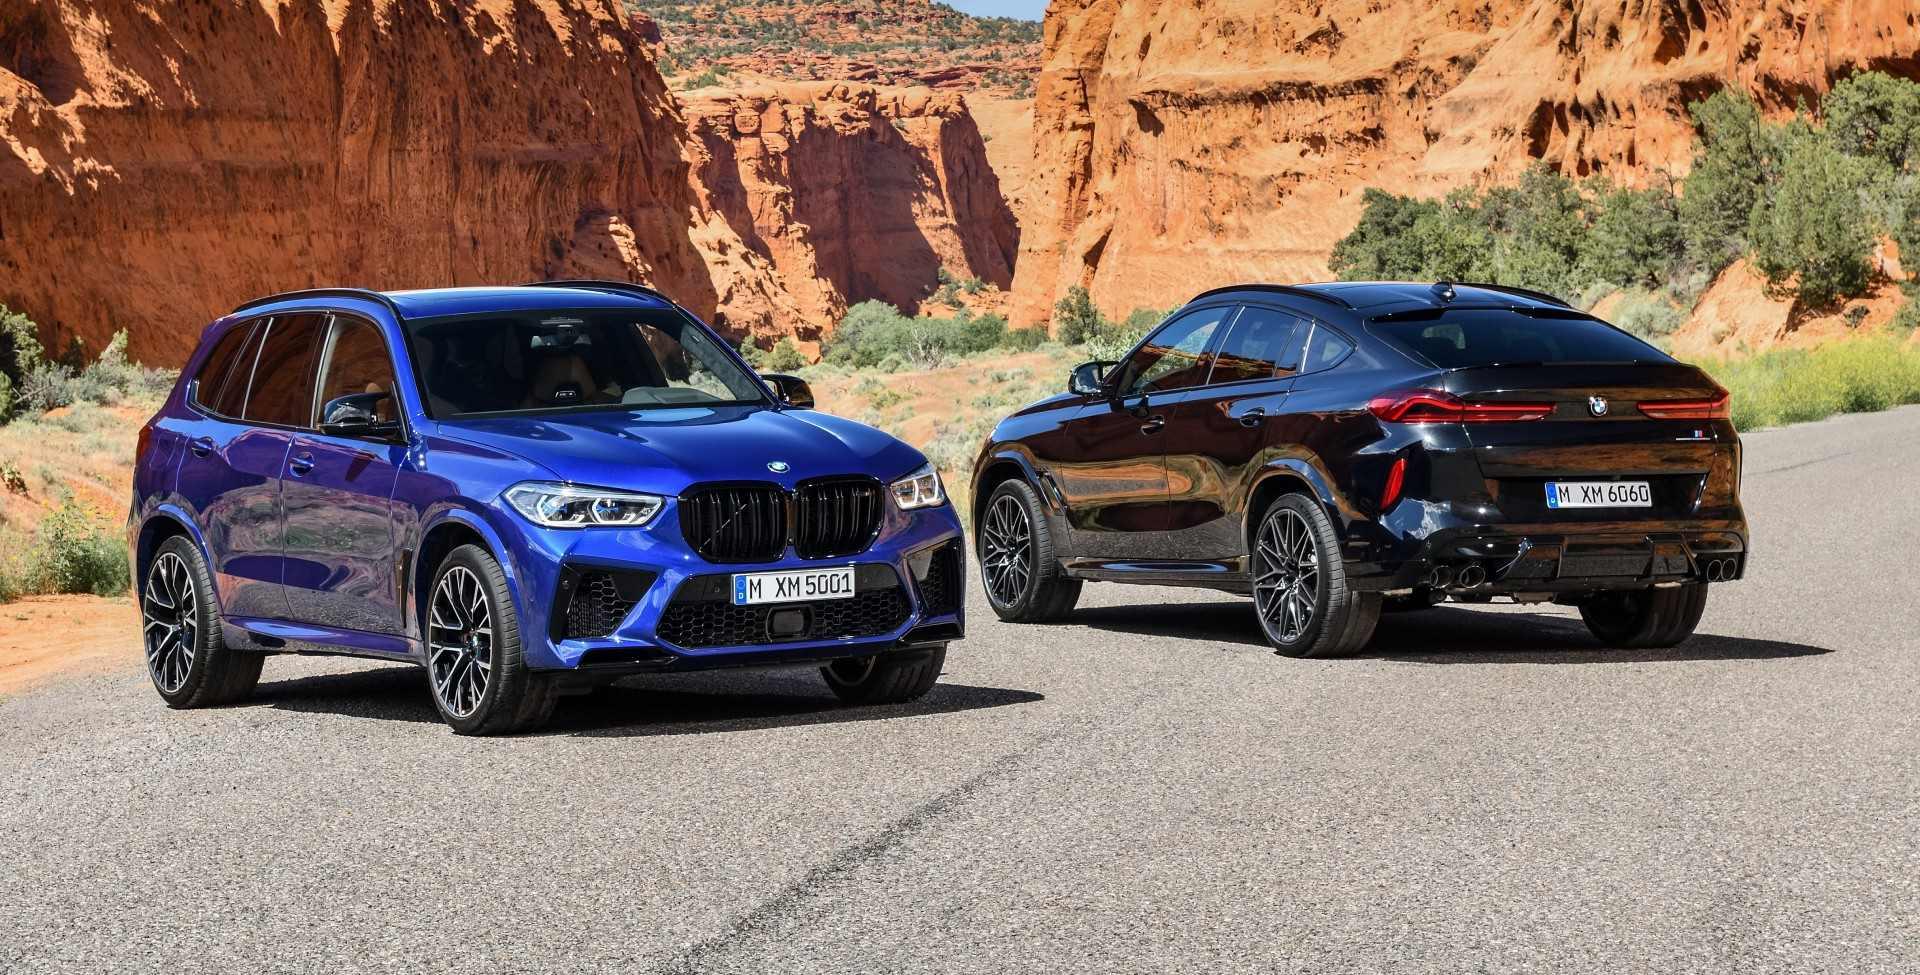 Llegan los nuevos referentes del concepto SUV deportivo: BMW X5 M y X6 M 2020